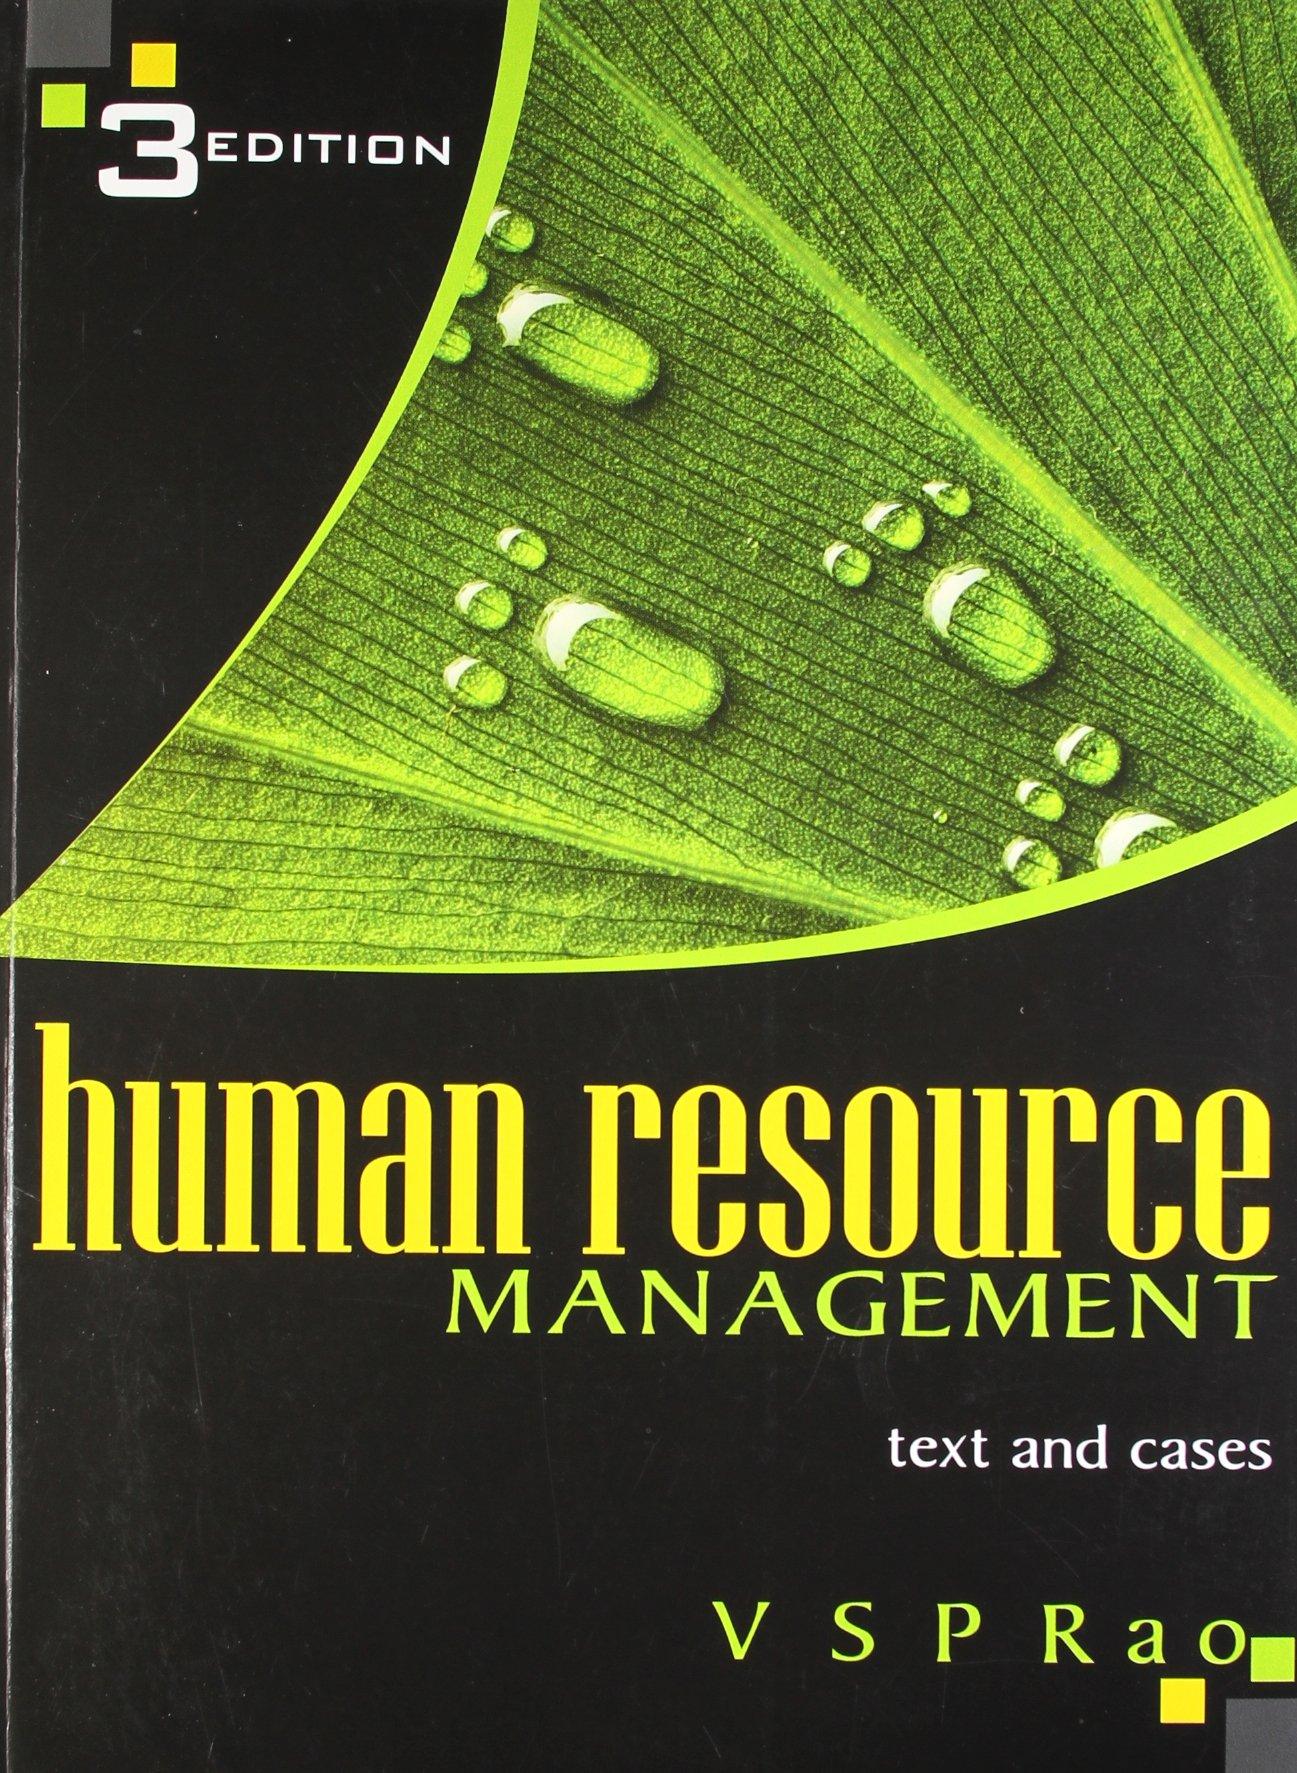 v s p rao management